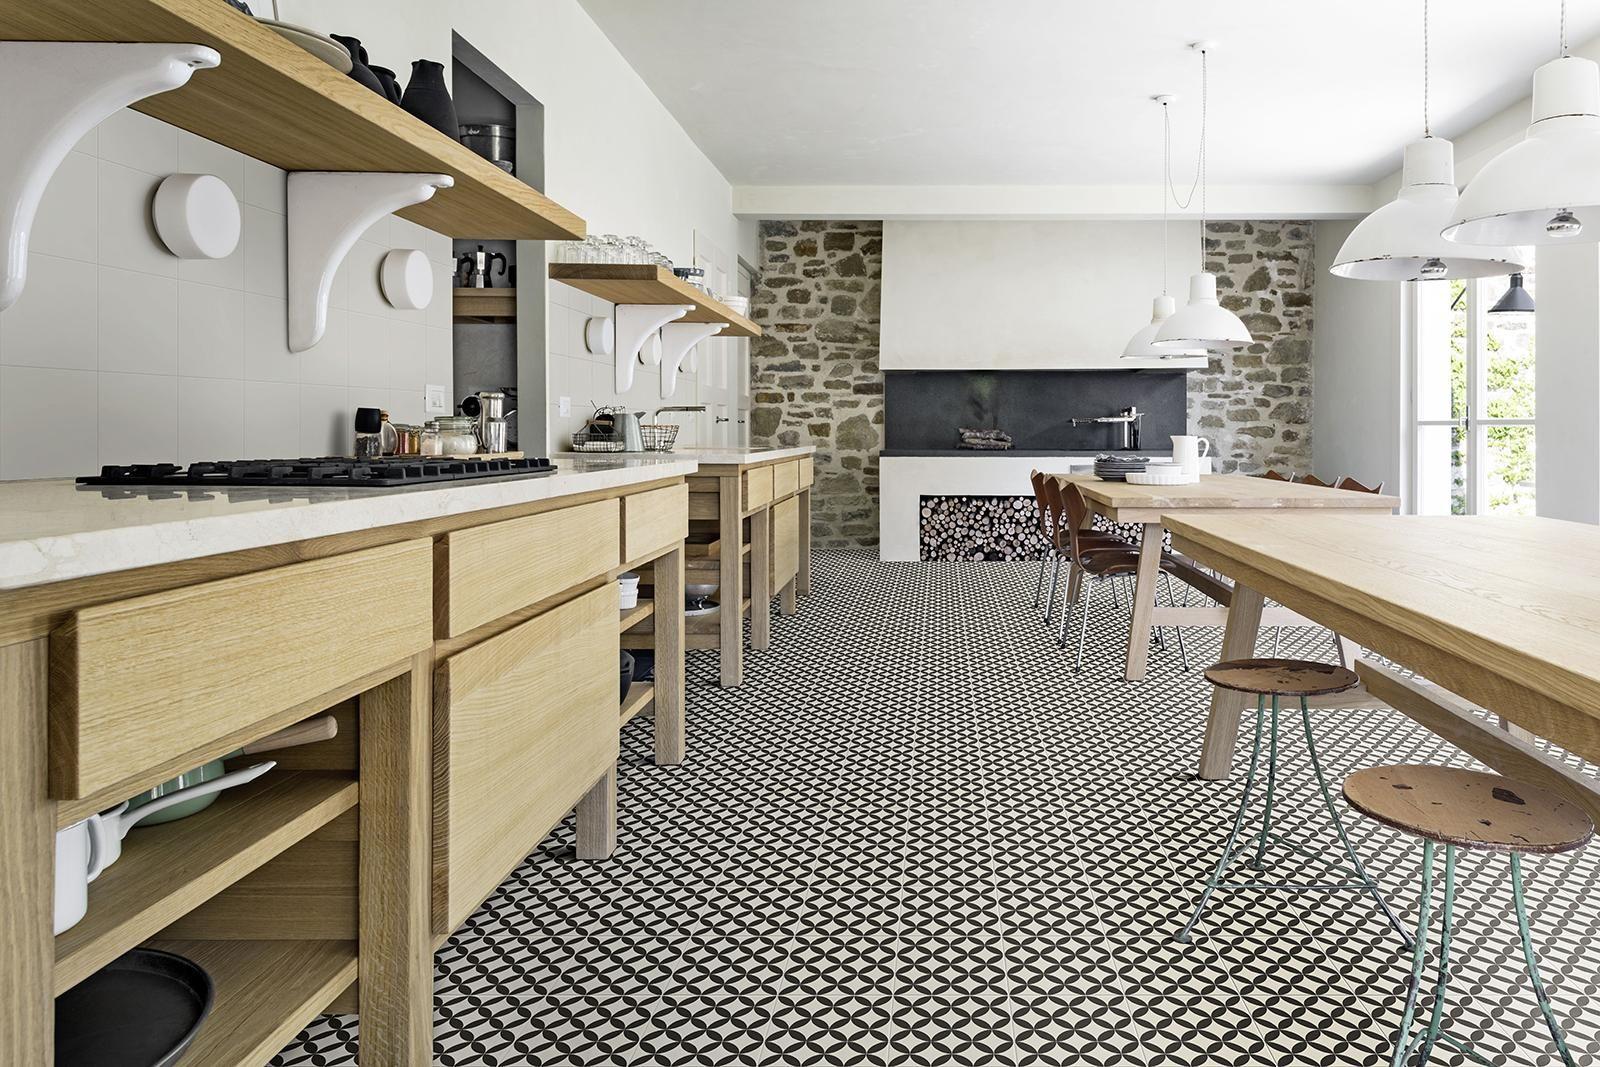 D segni effetto cotto e cemento cucina kitchen pinterest